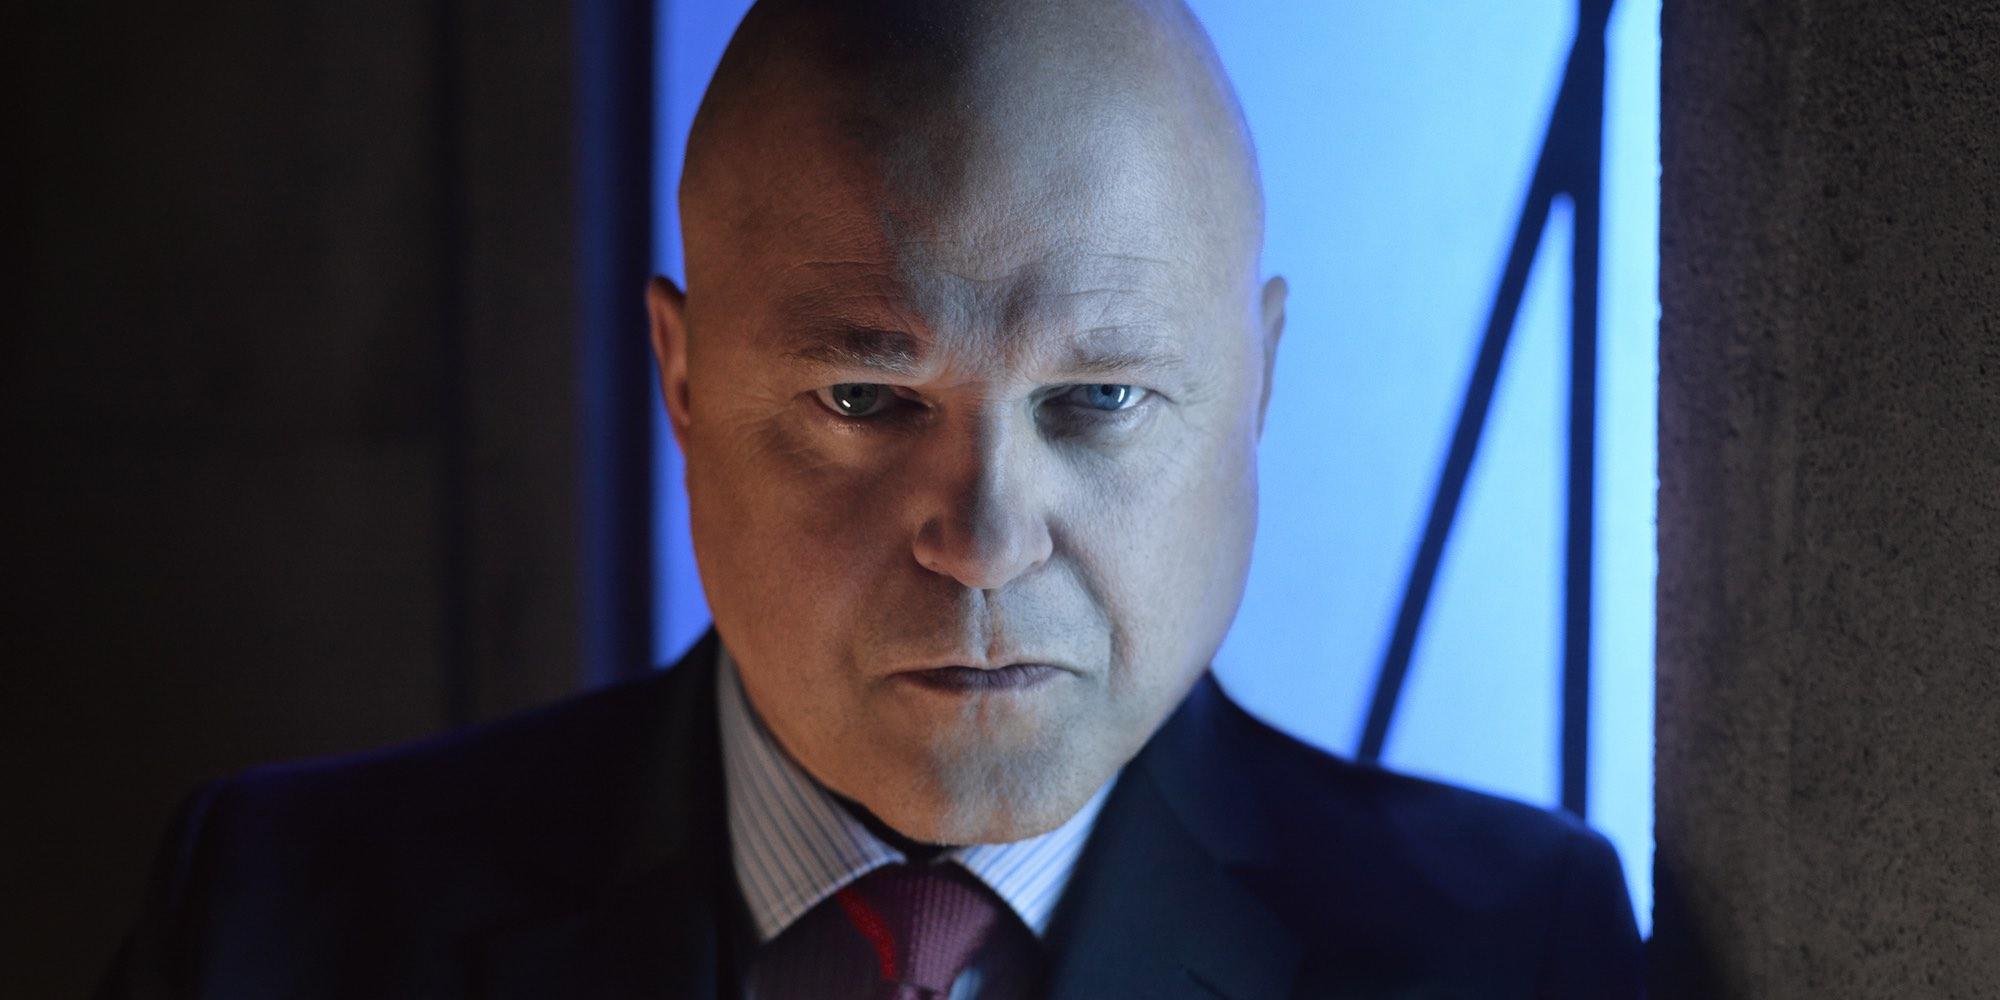 Gotham Michael Chiklis Captain Barnes